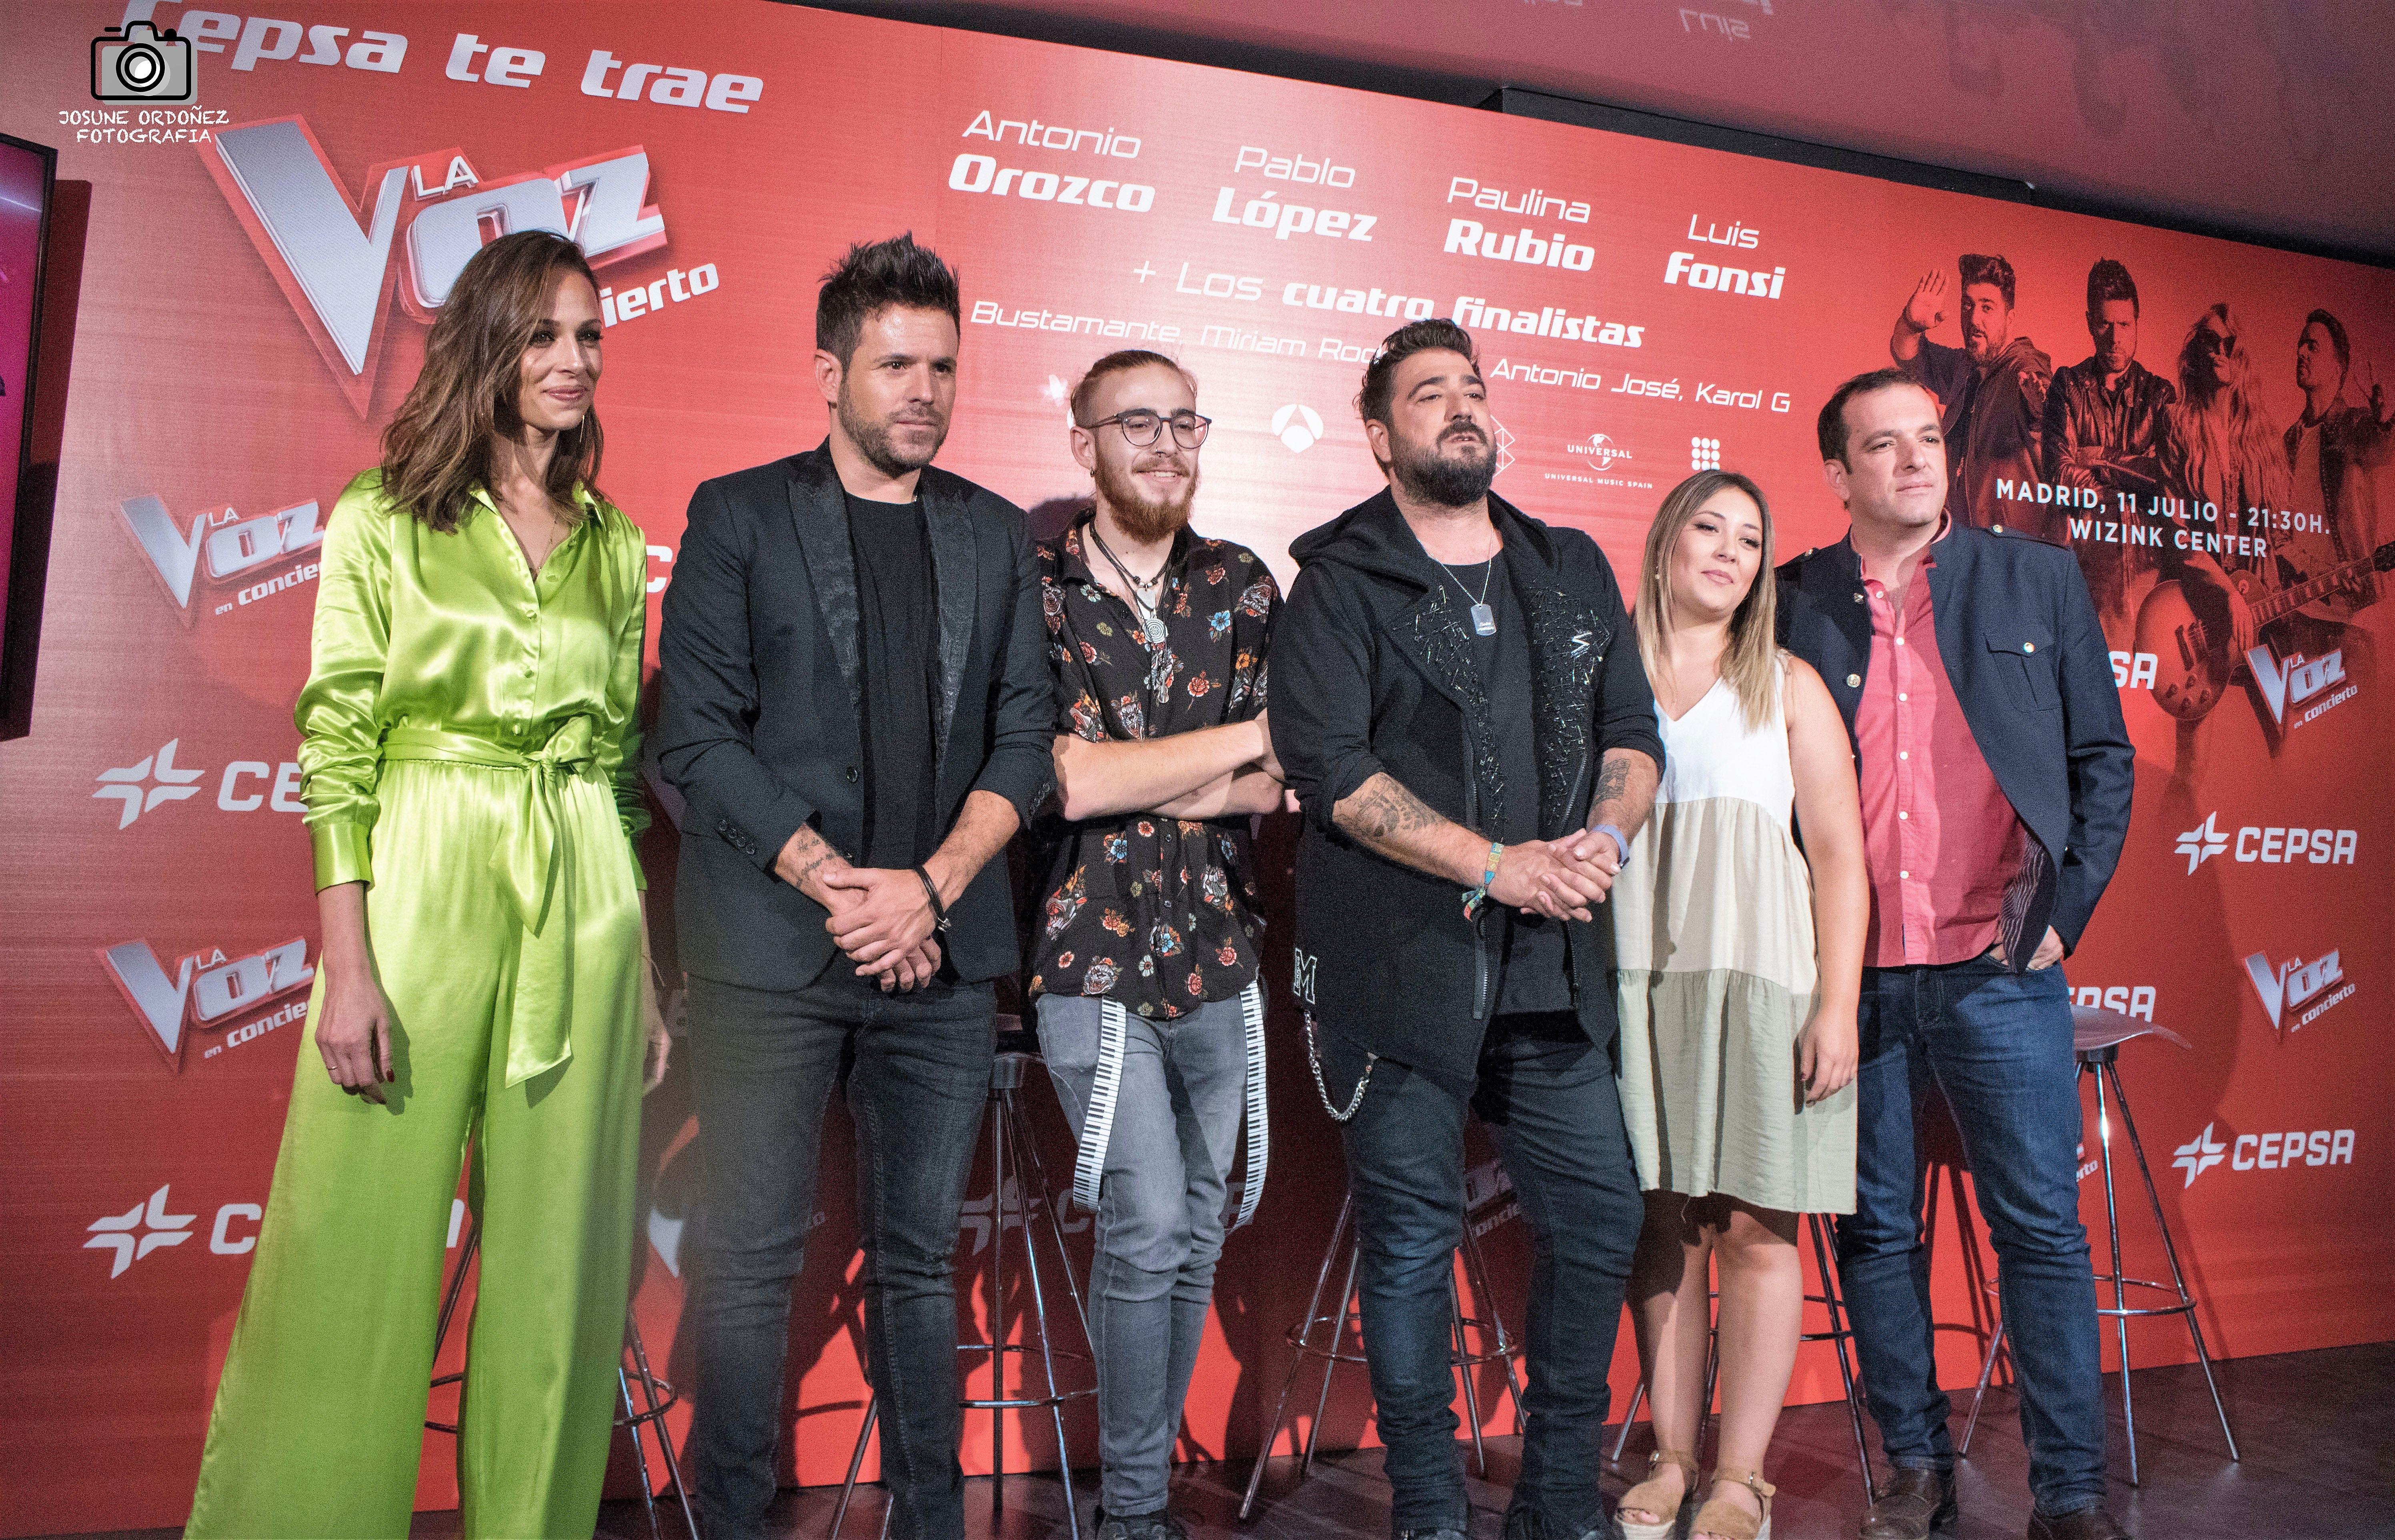 La Voz | Hablamos con los finalistas de La Voz sobre el concierto del 11 de julio